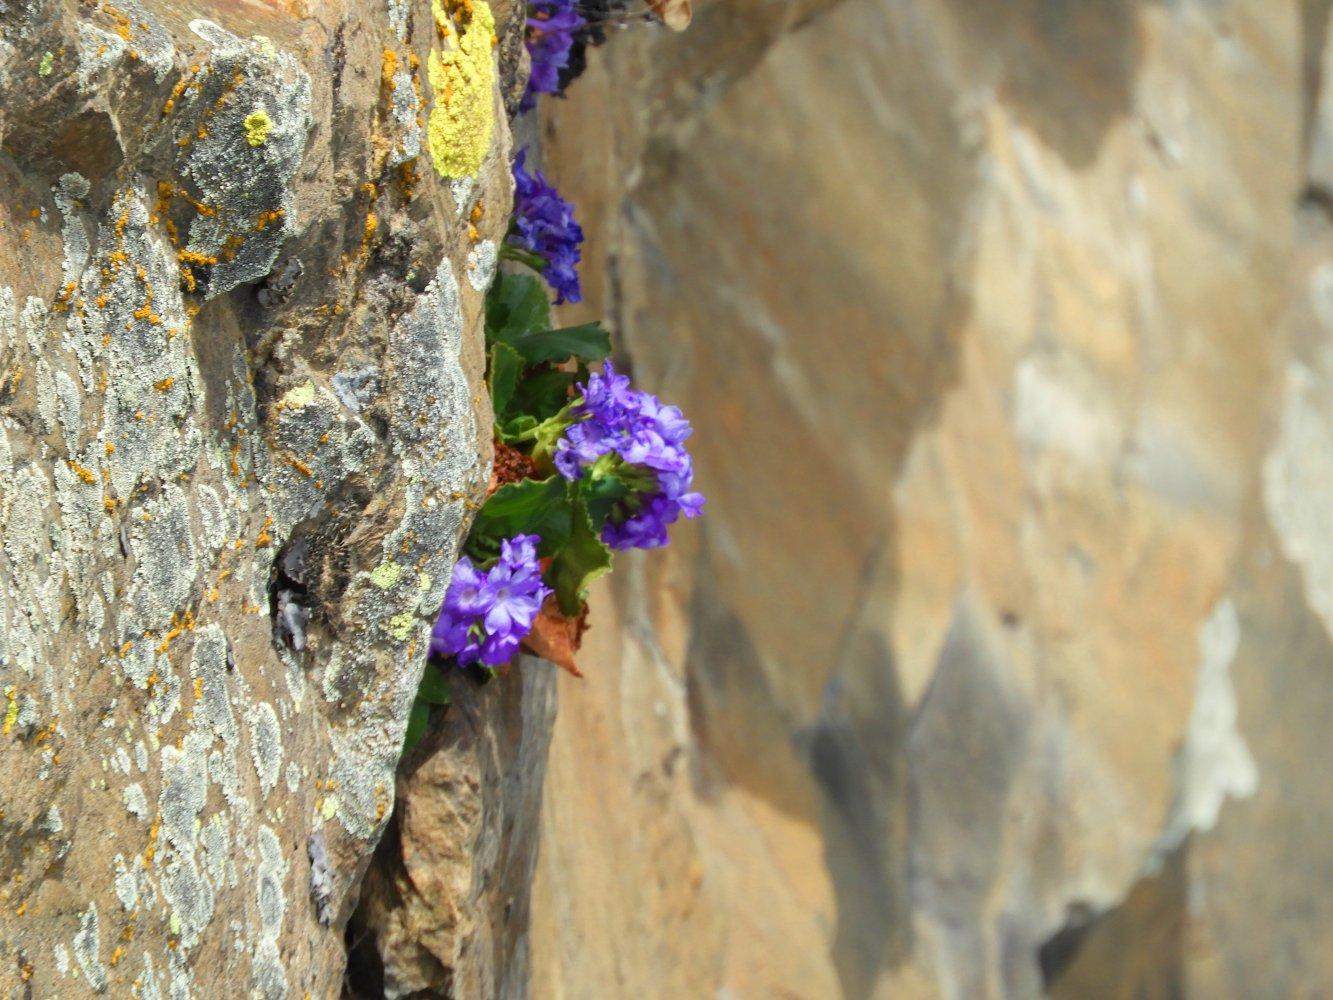 Frühling und Natur erleben im Kaunertal!